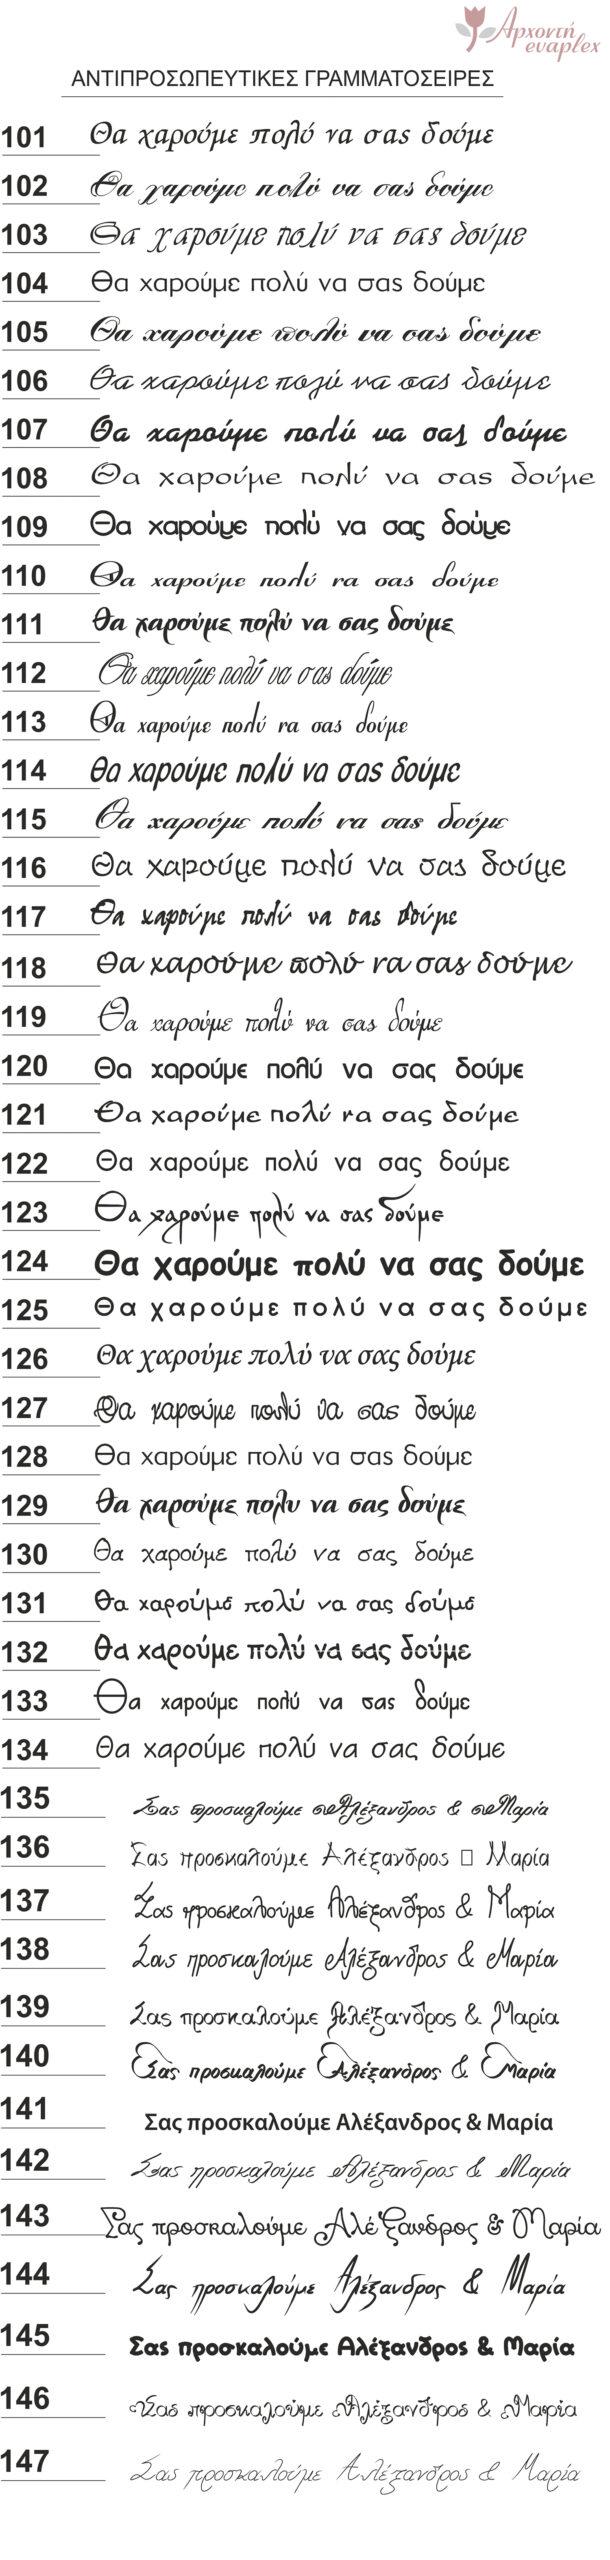 Γραμματοσειρές και Κείμενα για επιλογή